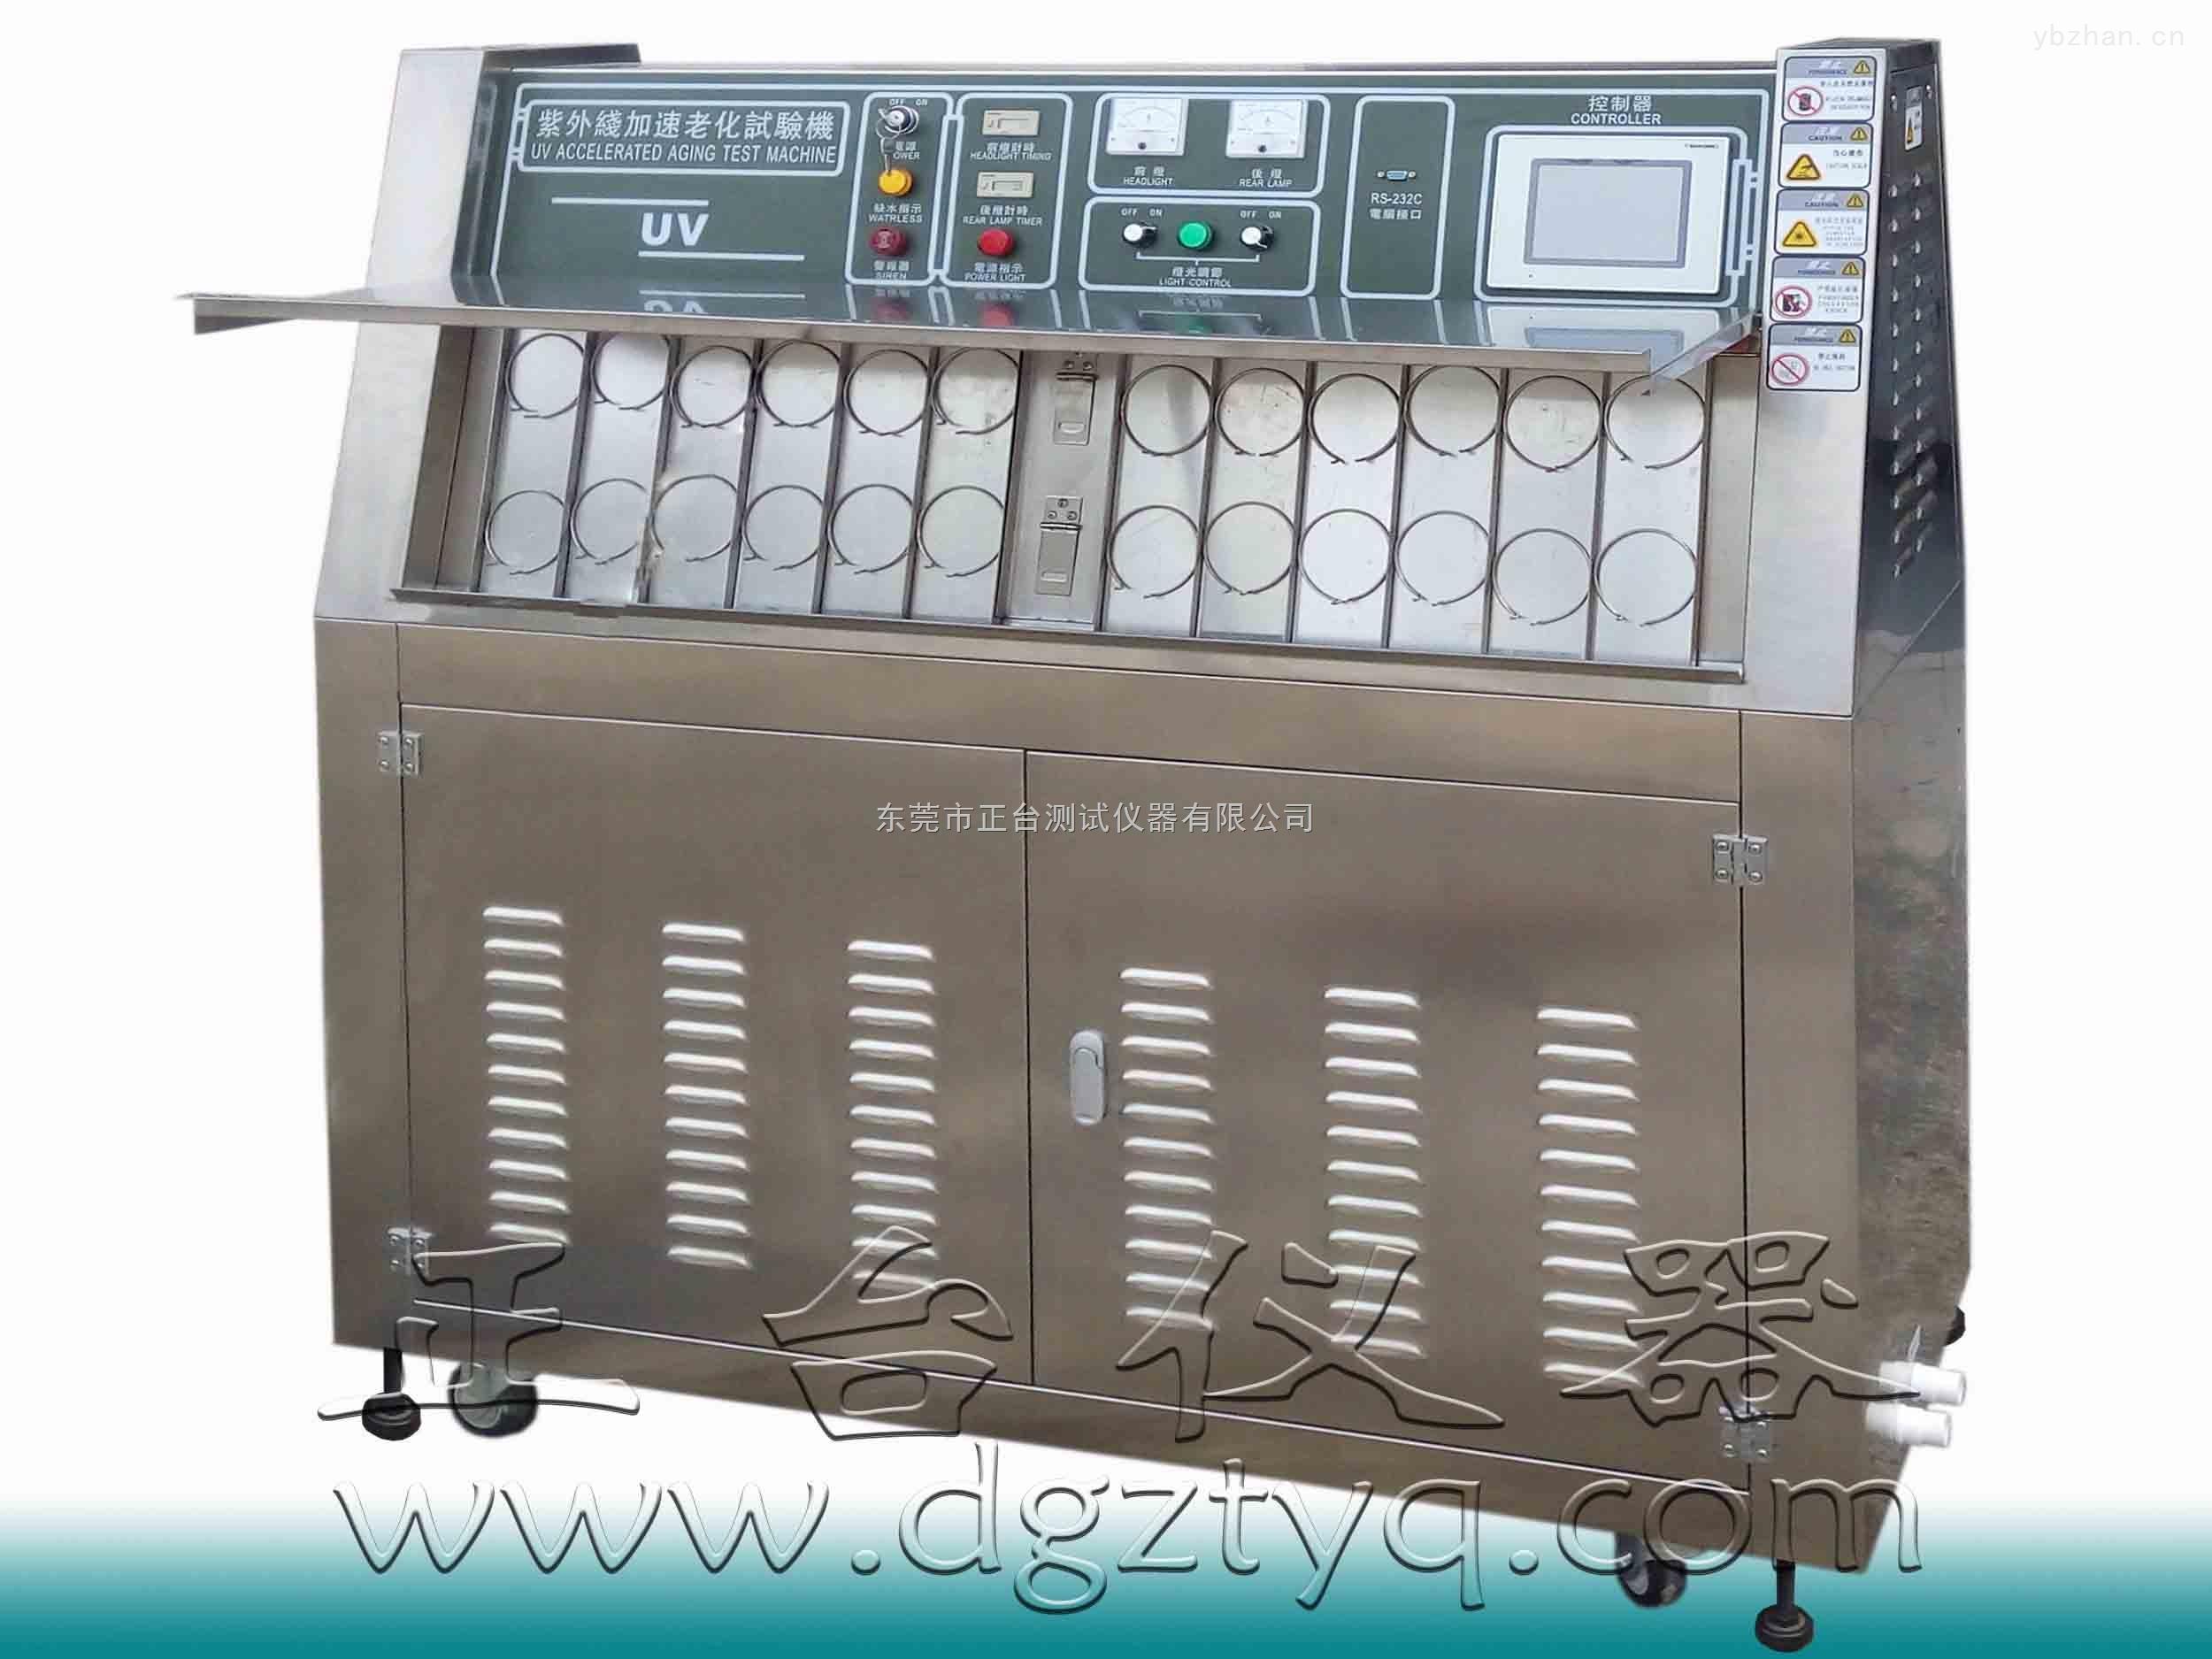 紫外光老化测试箱,紫外线老化测试箱